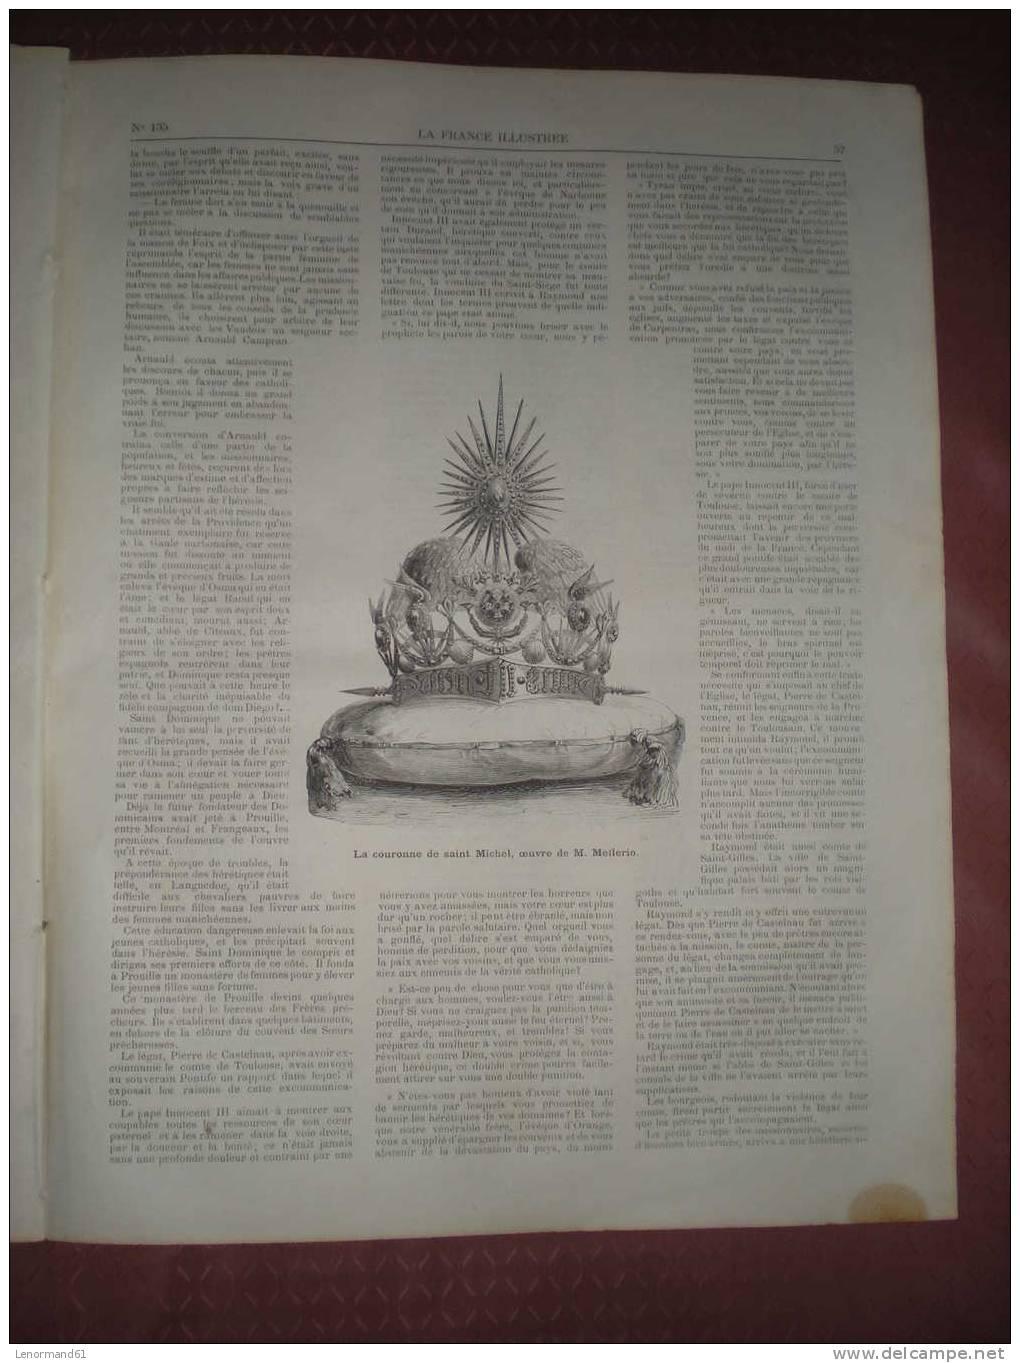 LA FRANCE ILLUSTREE 30/06/ 1877 EVEQUE NANTES GRAND DUC MICHEL ARMEE RUSSE COURONNE SAINT MICHEL MELLERIO CHAM ECHECS RE - Magazines - Before 1900